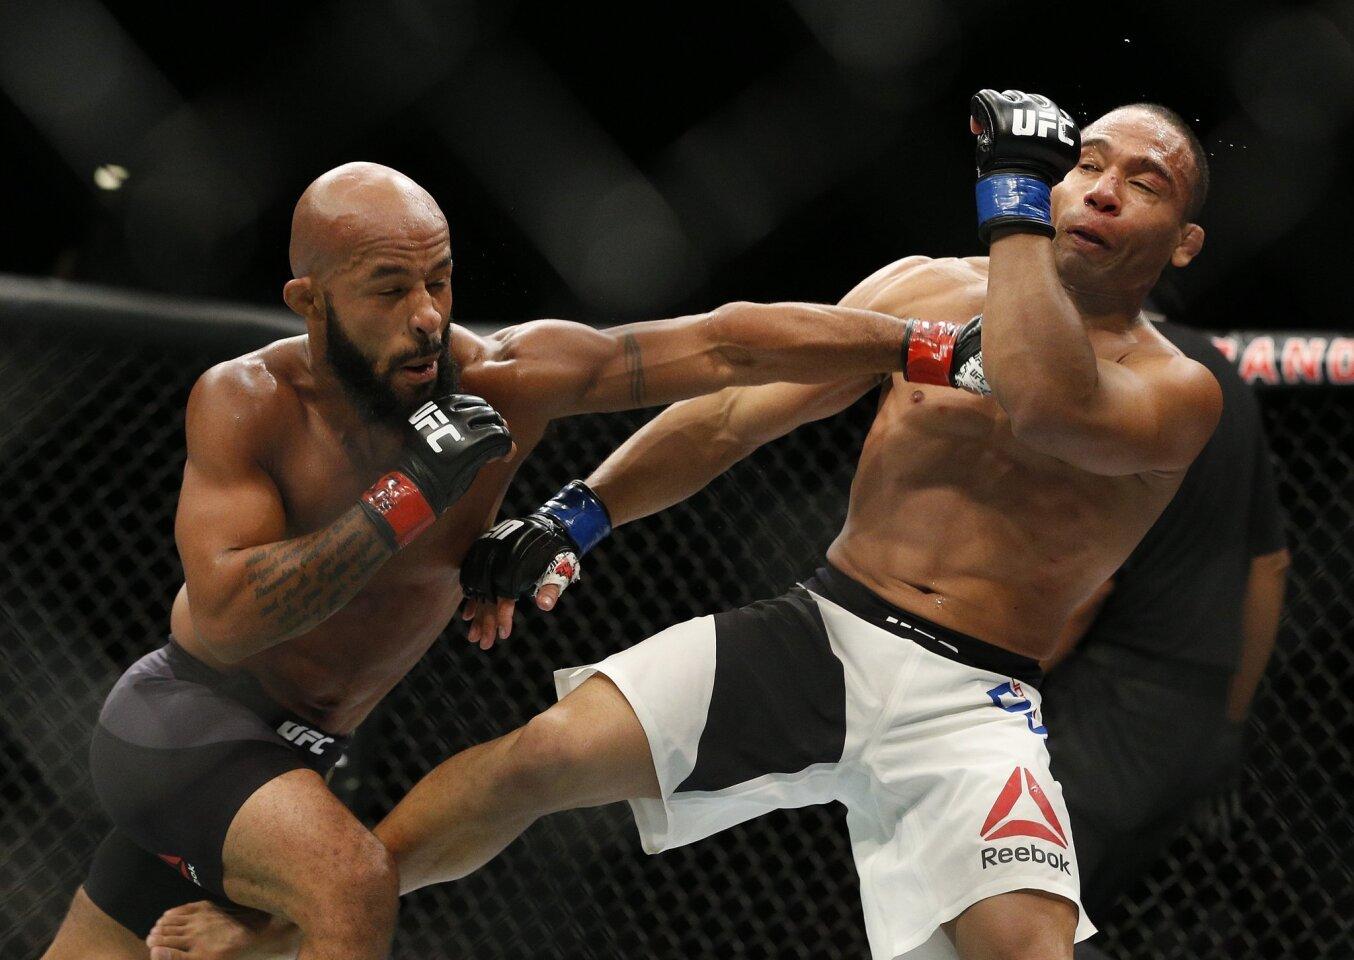 Demetrius Johnson, left, defeated John Dodson by unanimous decision Saturday at UFC 191 at Las Vegas.